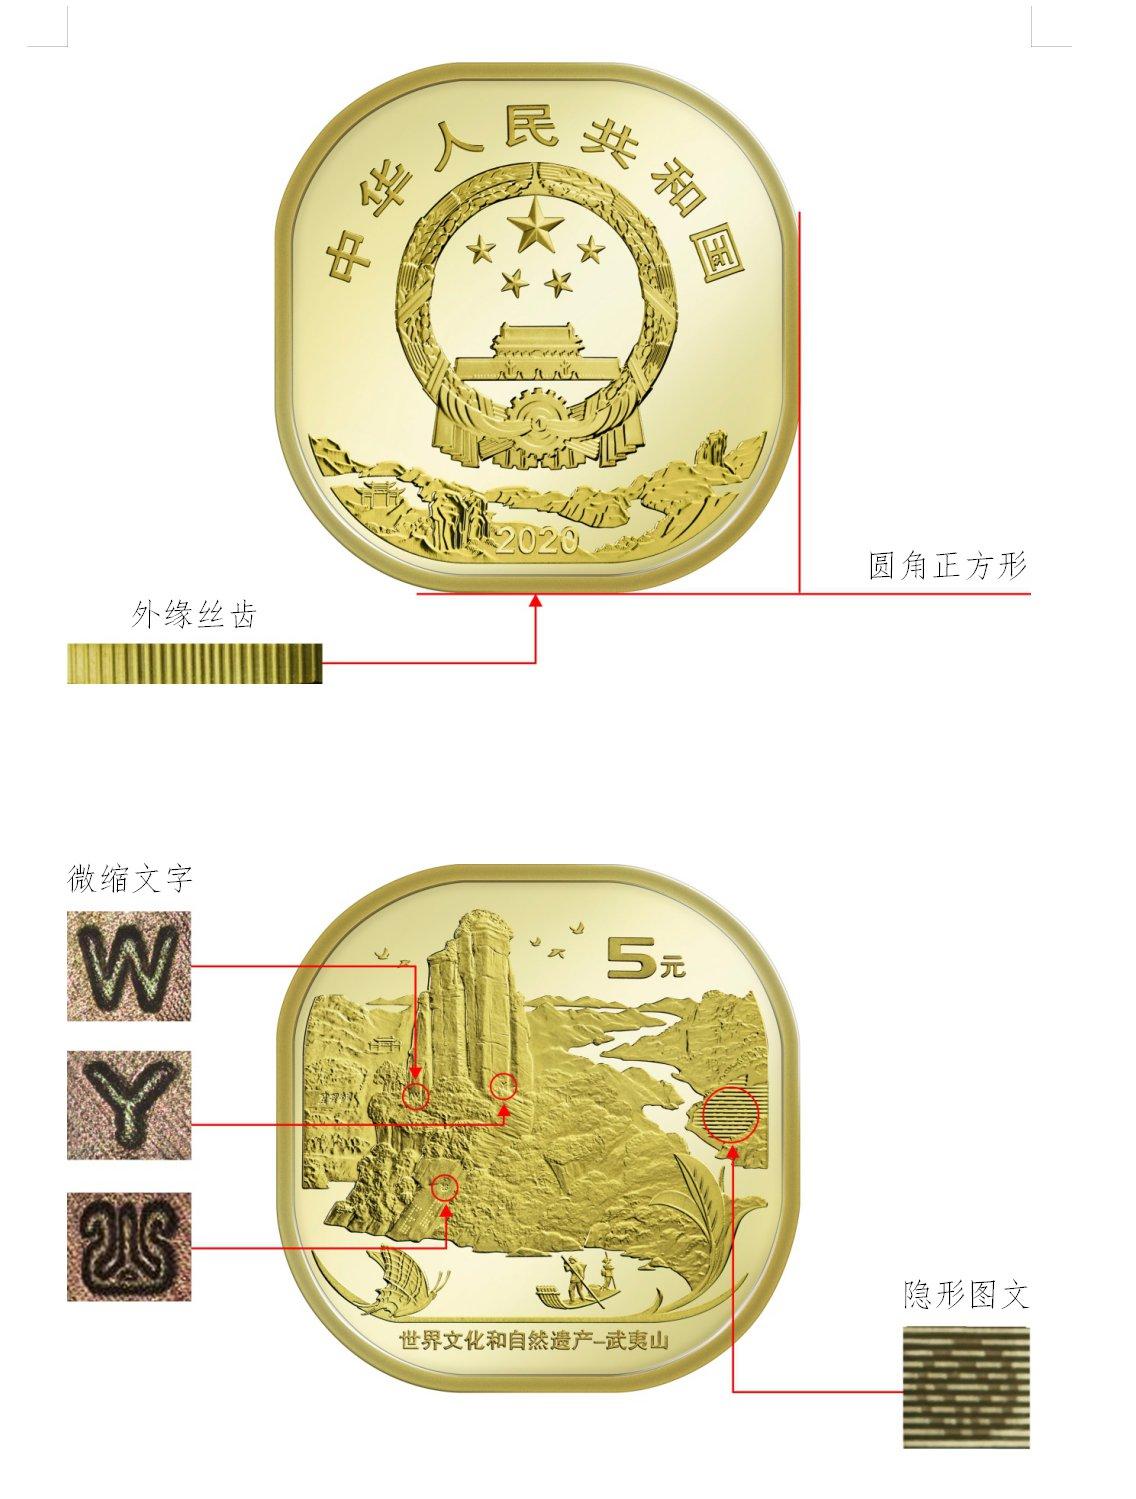 2020武夷山纪念币防伪特征(真假鉴别方法)